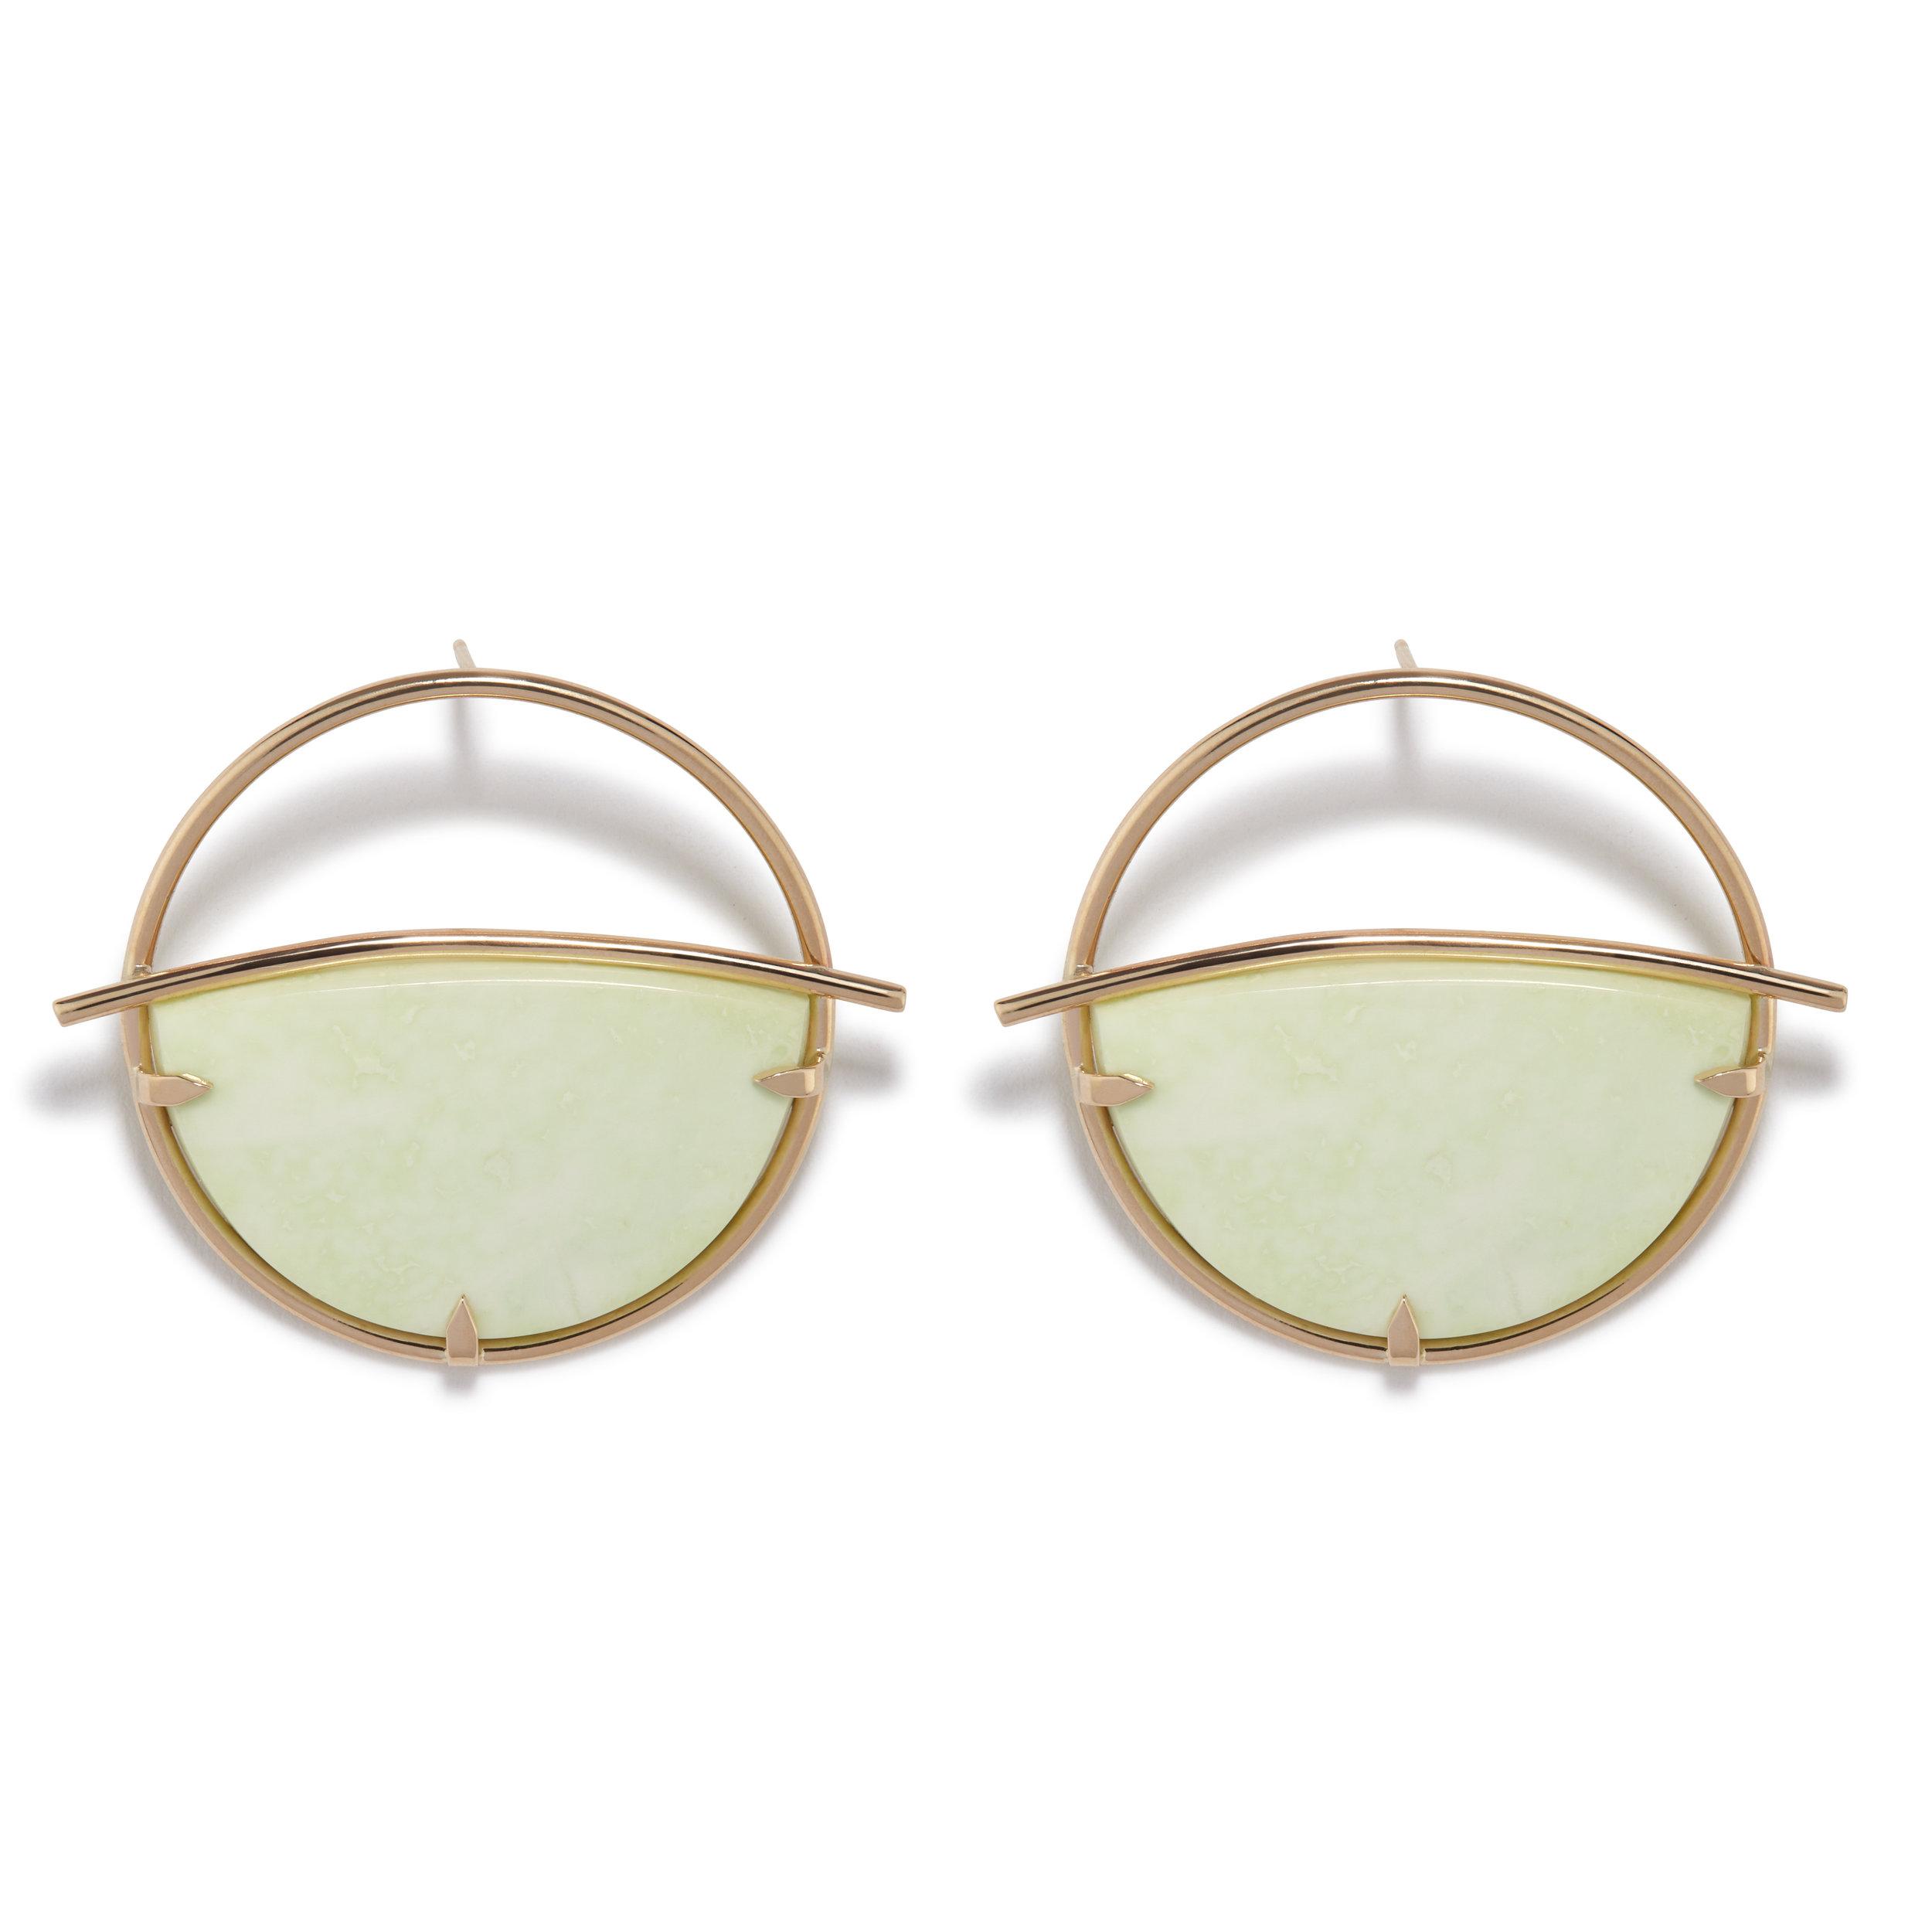 Circe Earrings - Lemon Chrysoprase